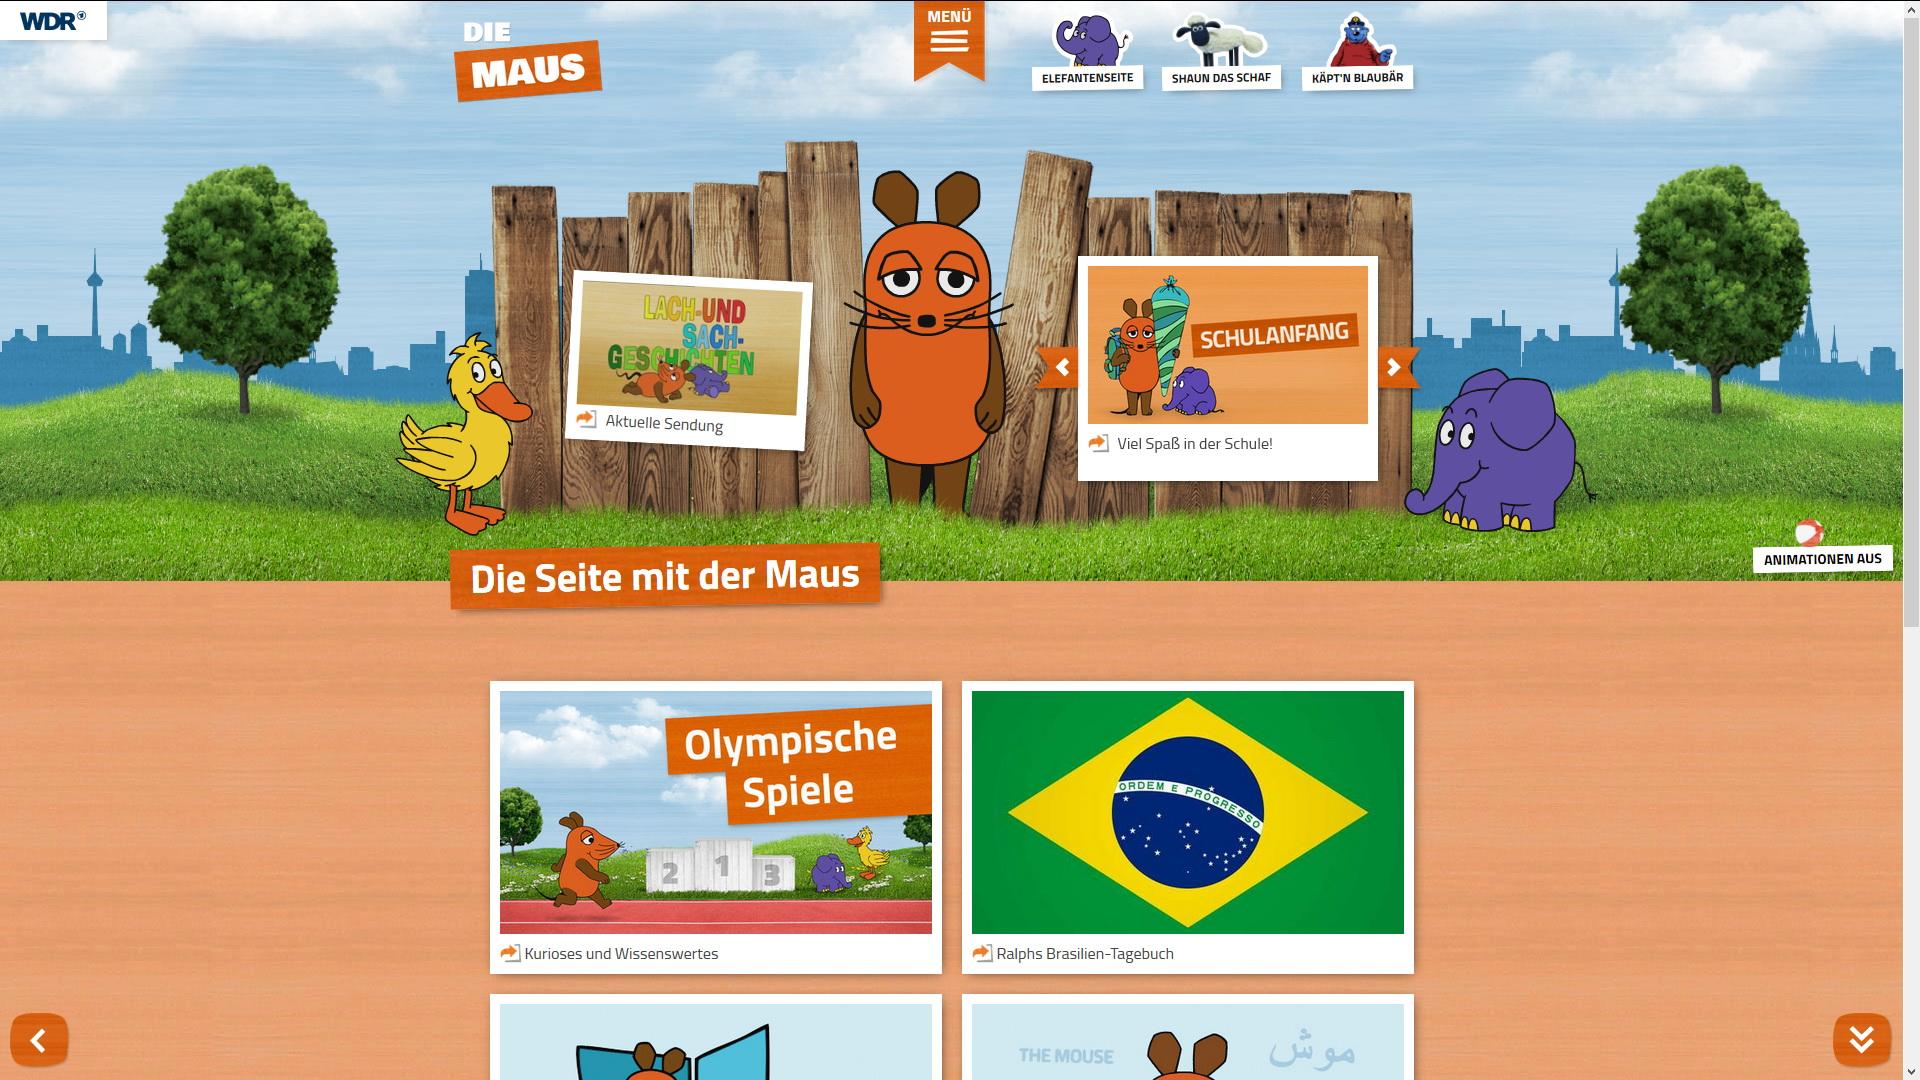 www.die-maus.de